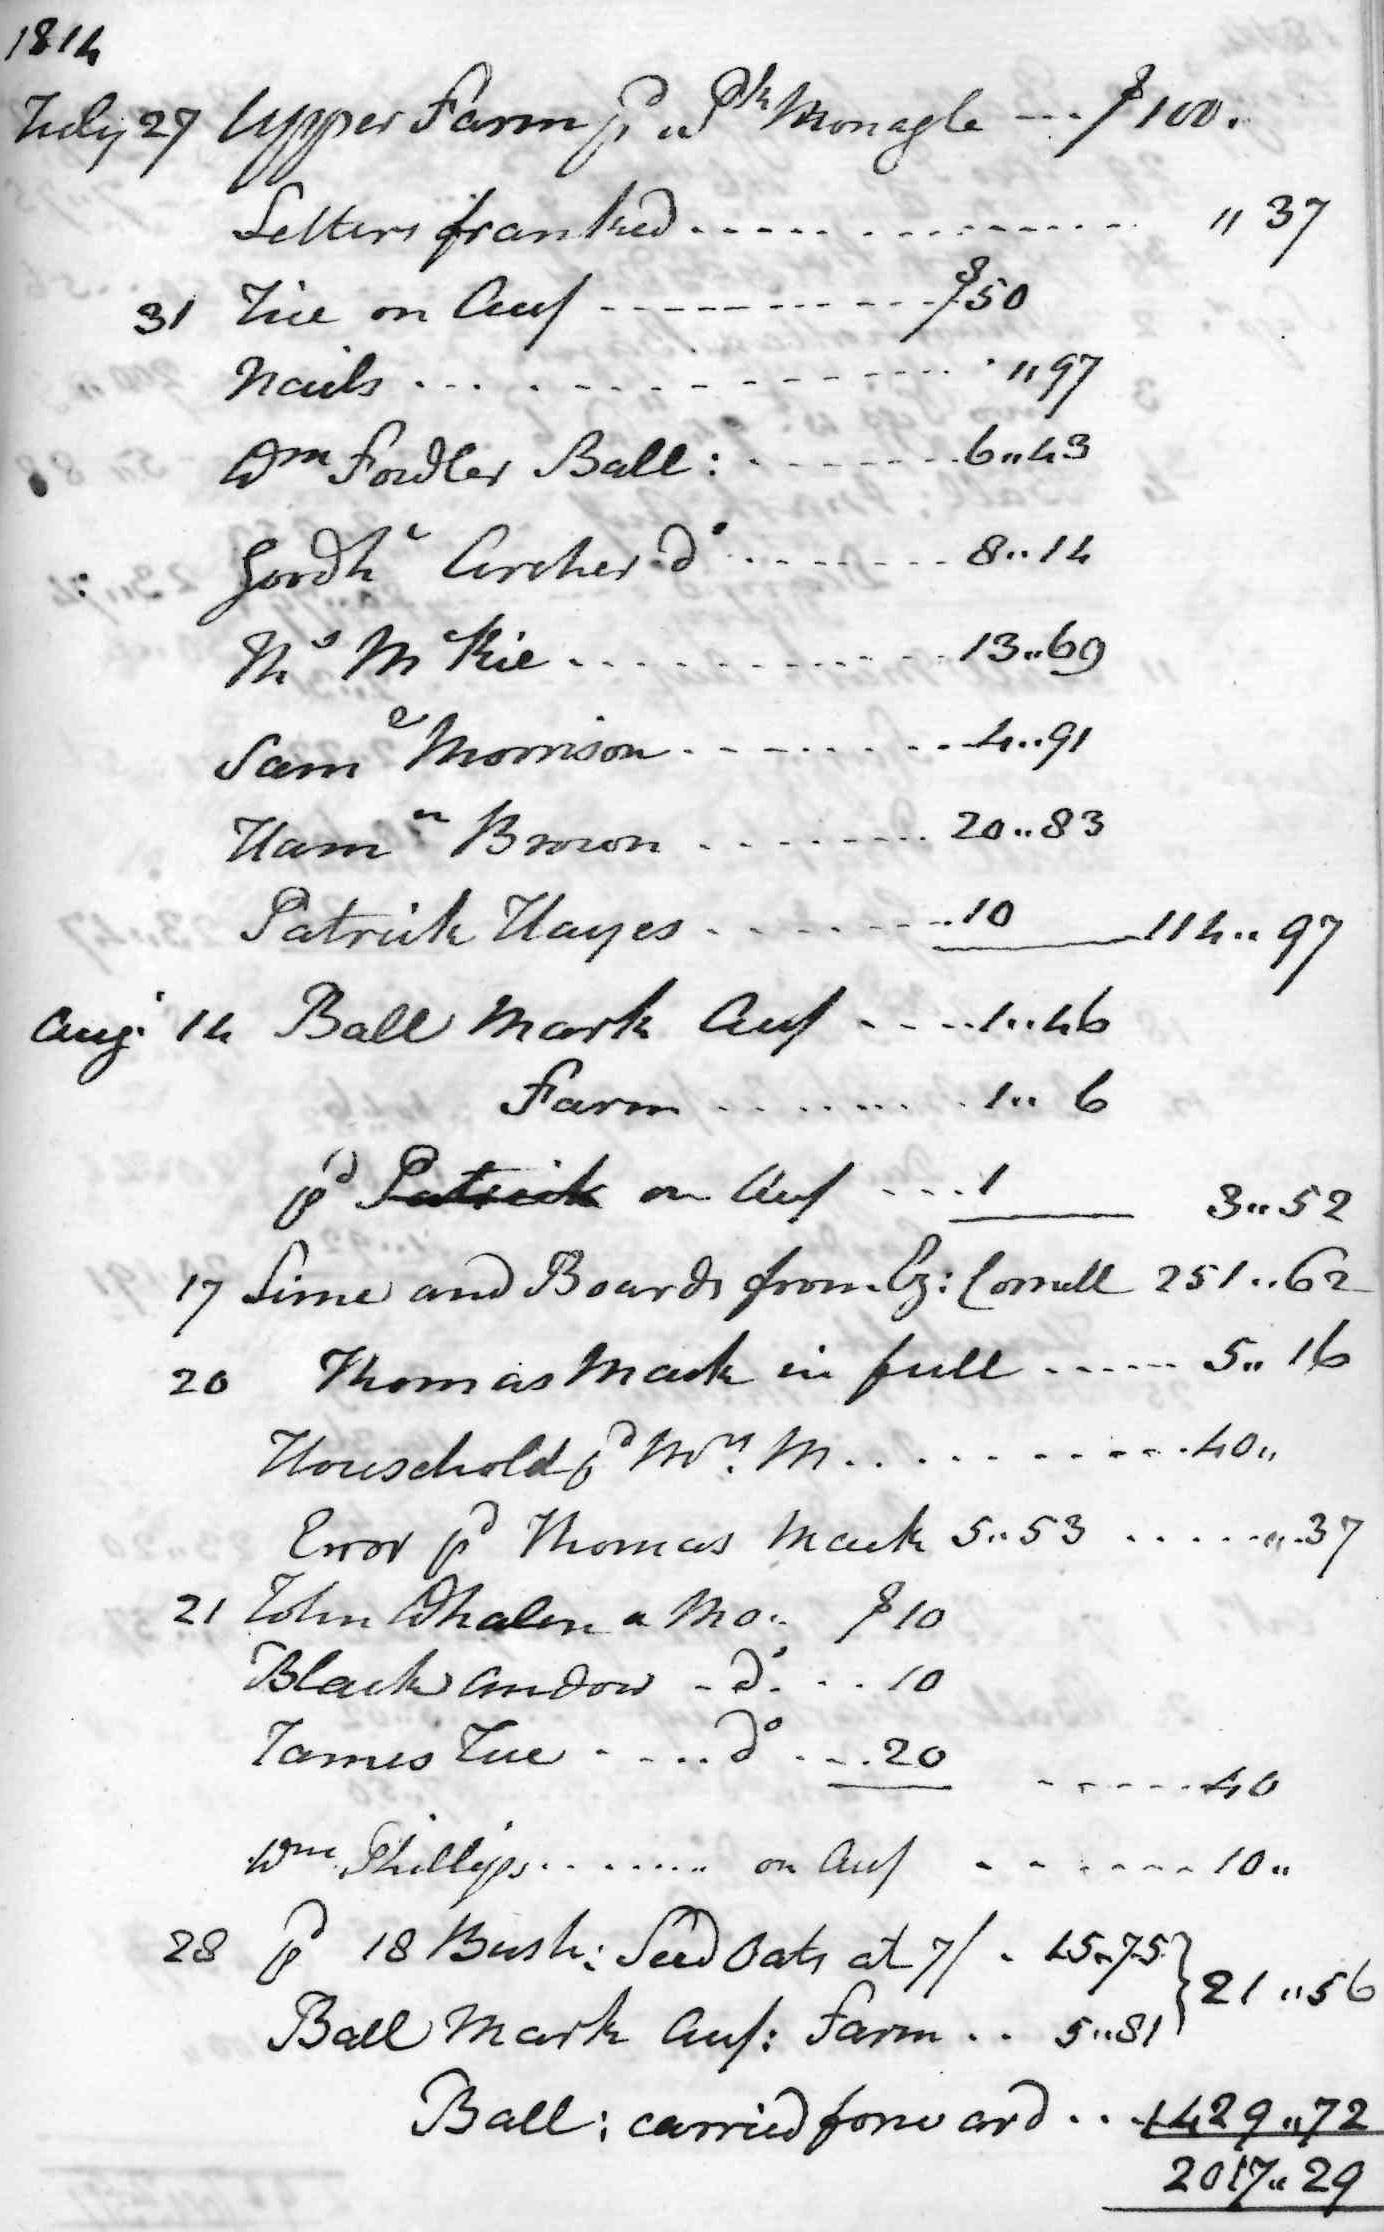 Gouverneur Morris Cash Book, folio 33, right side